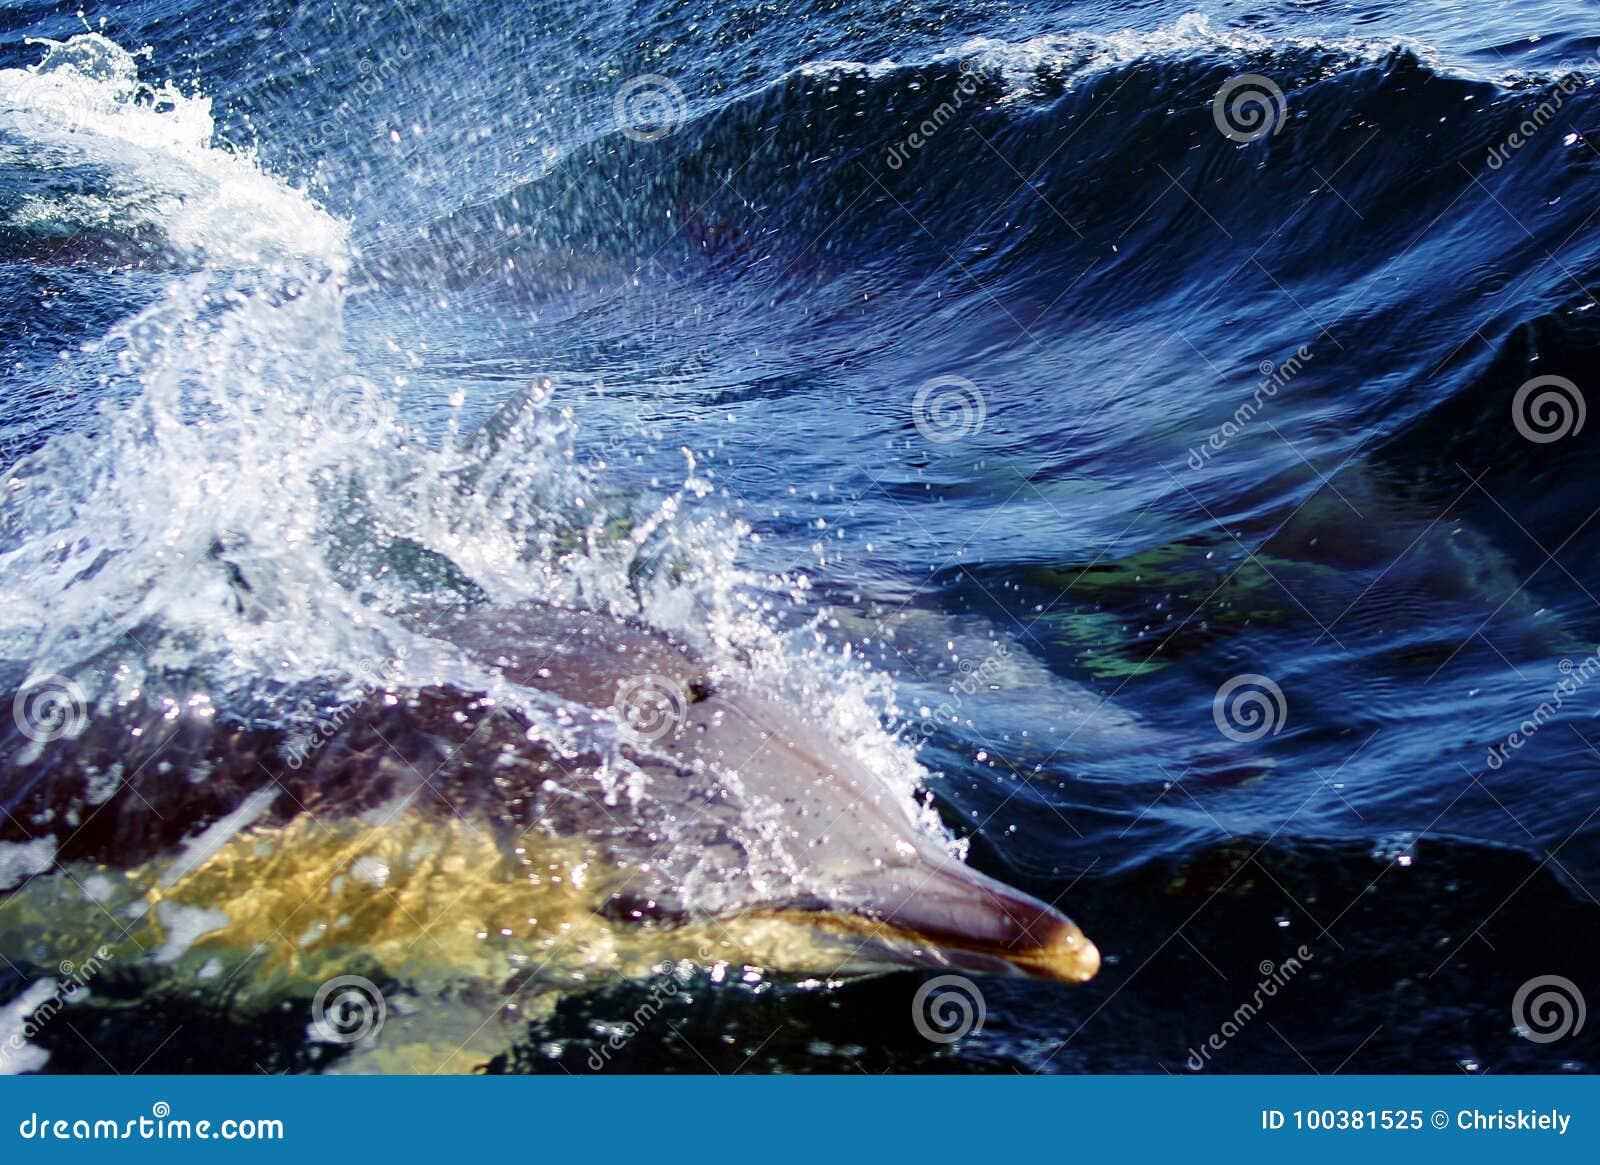 蓝色海豚水